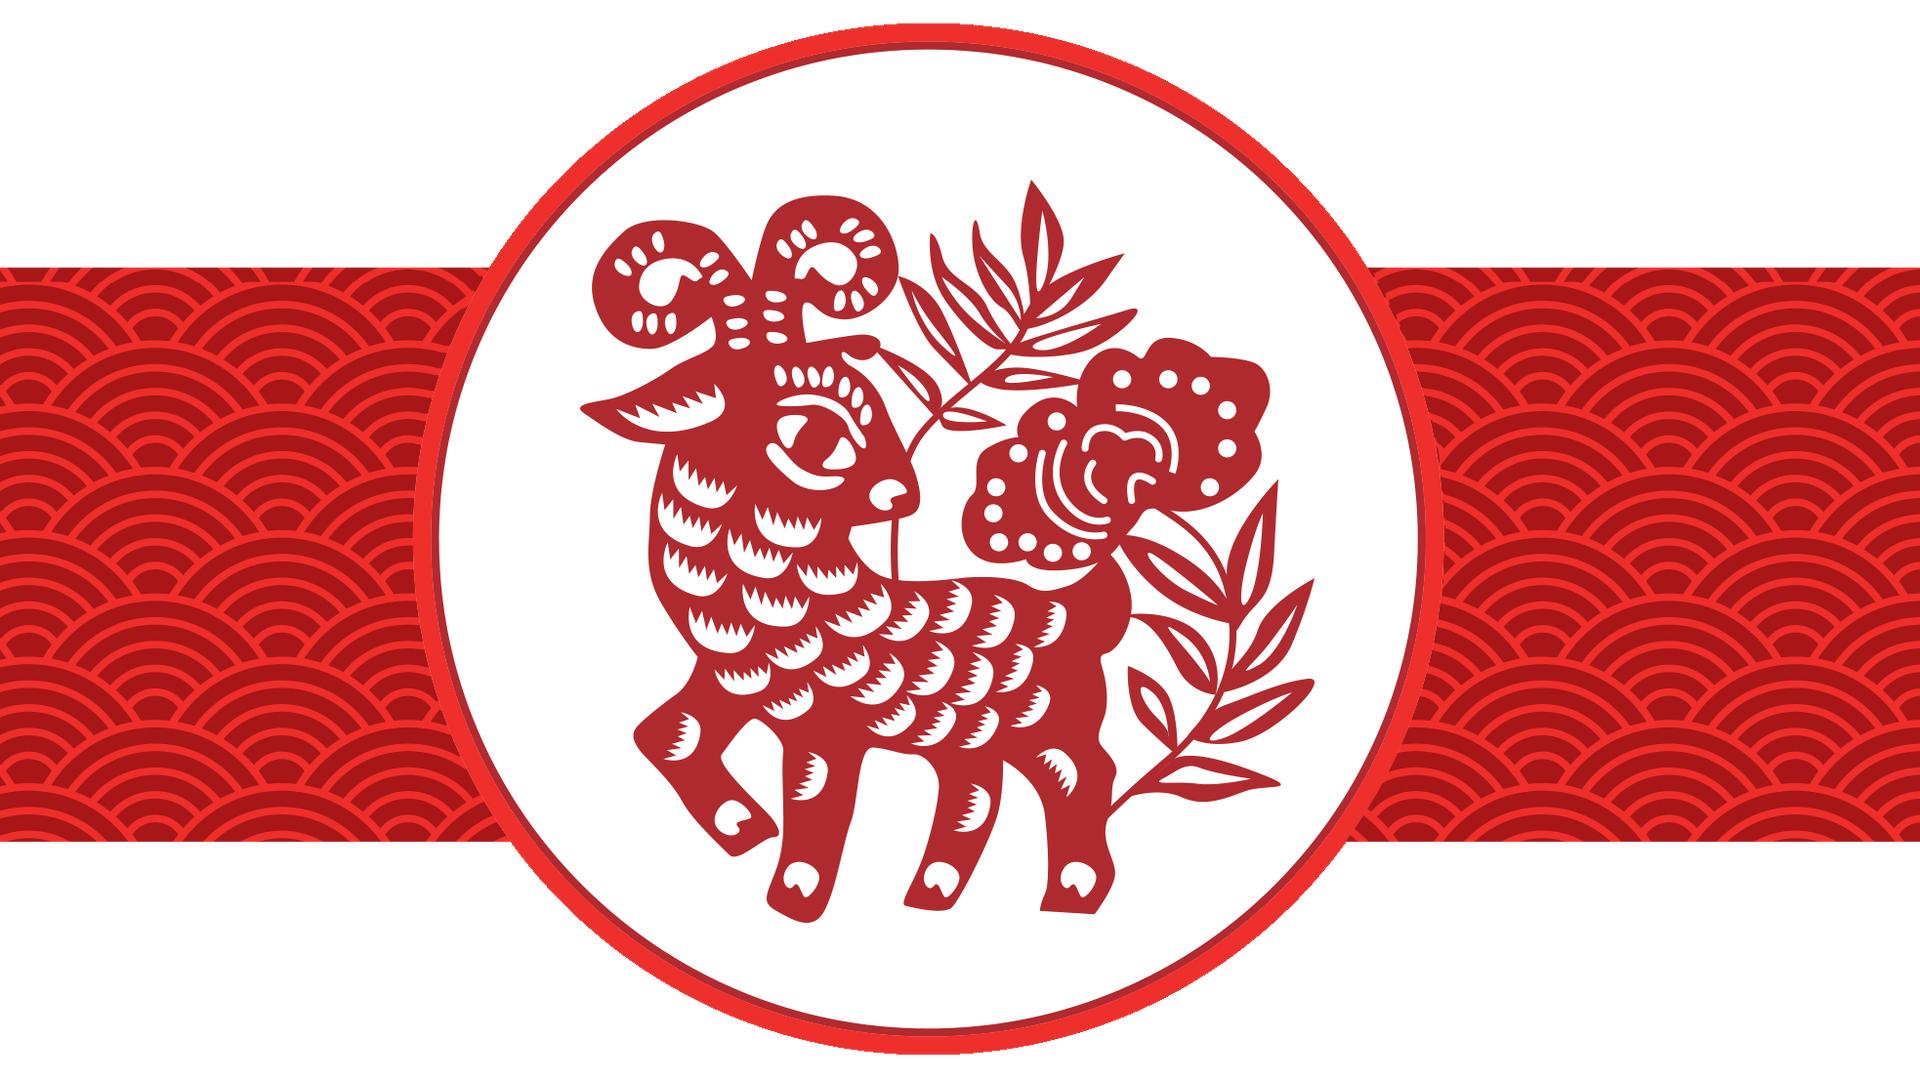 节日 - 春节  壁纸